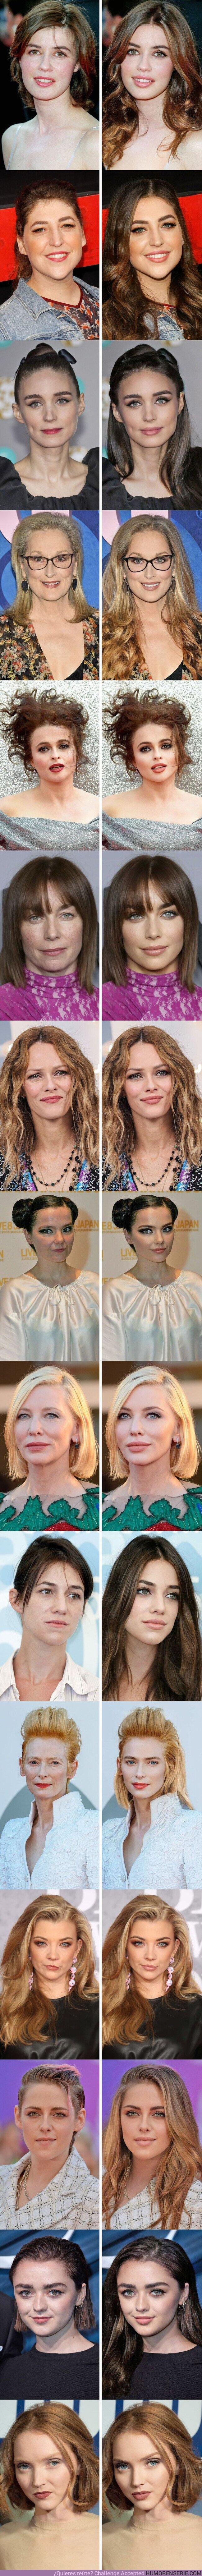 68501 - GALERÍA: Cómo se verían 15 actrices con una apariencia inusual si siguieran todas las tendencias de la moda actual